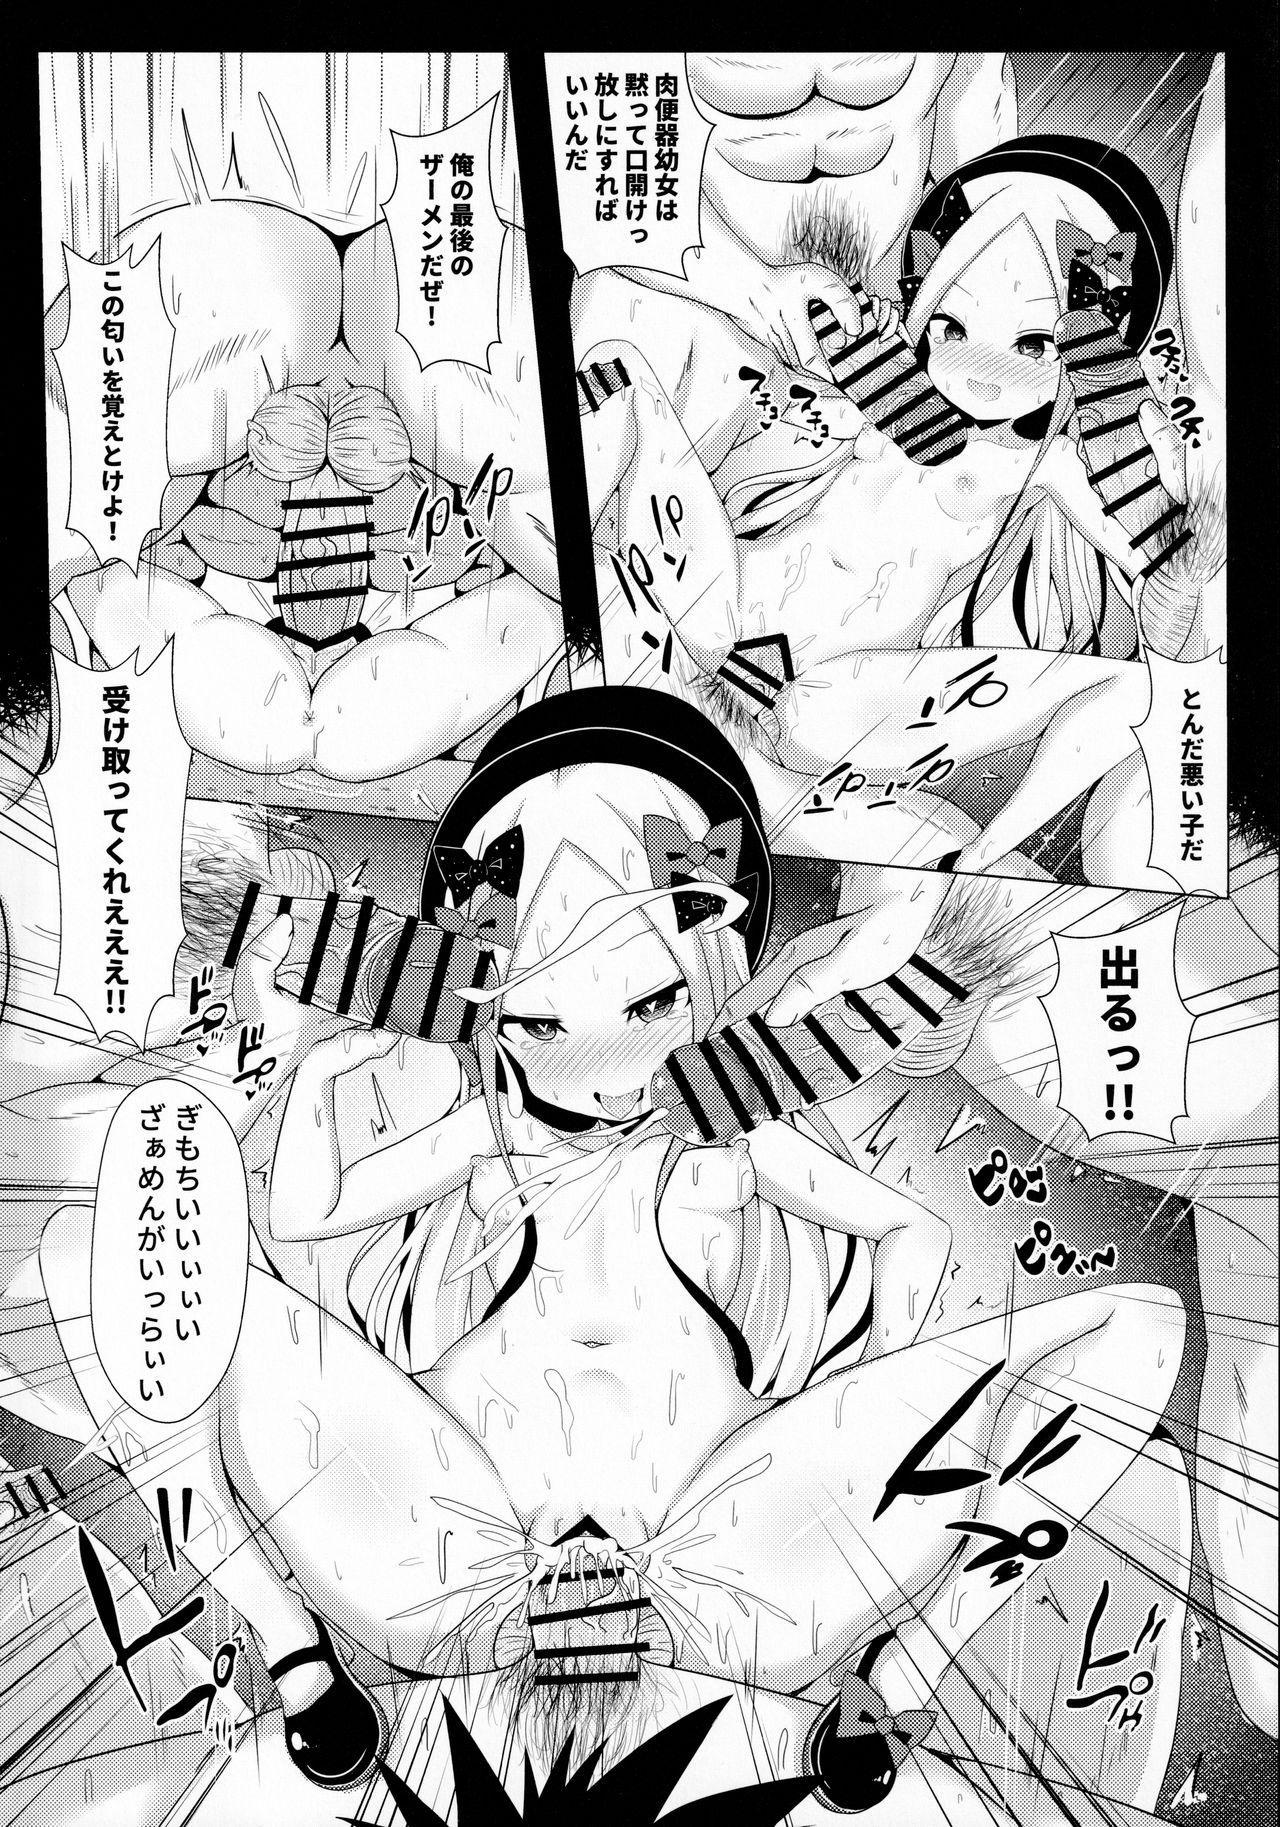 Hyoushi ni Ippai Condom o Kaiteiru kedo Nakami ni wa Condom ga Nai Abigail no Usui Hon 20